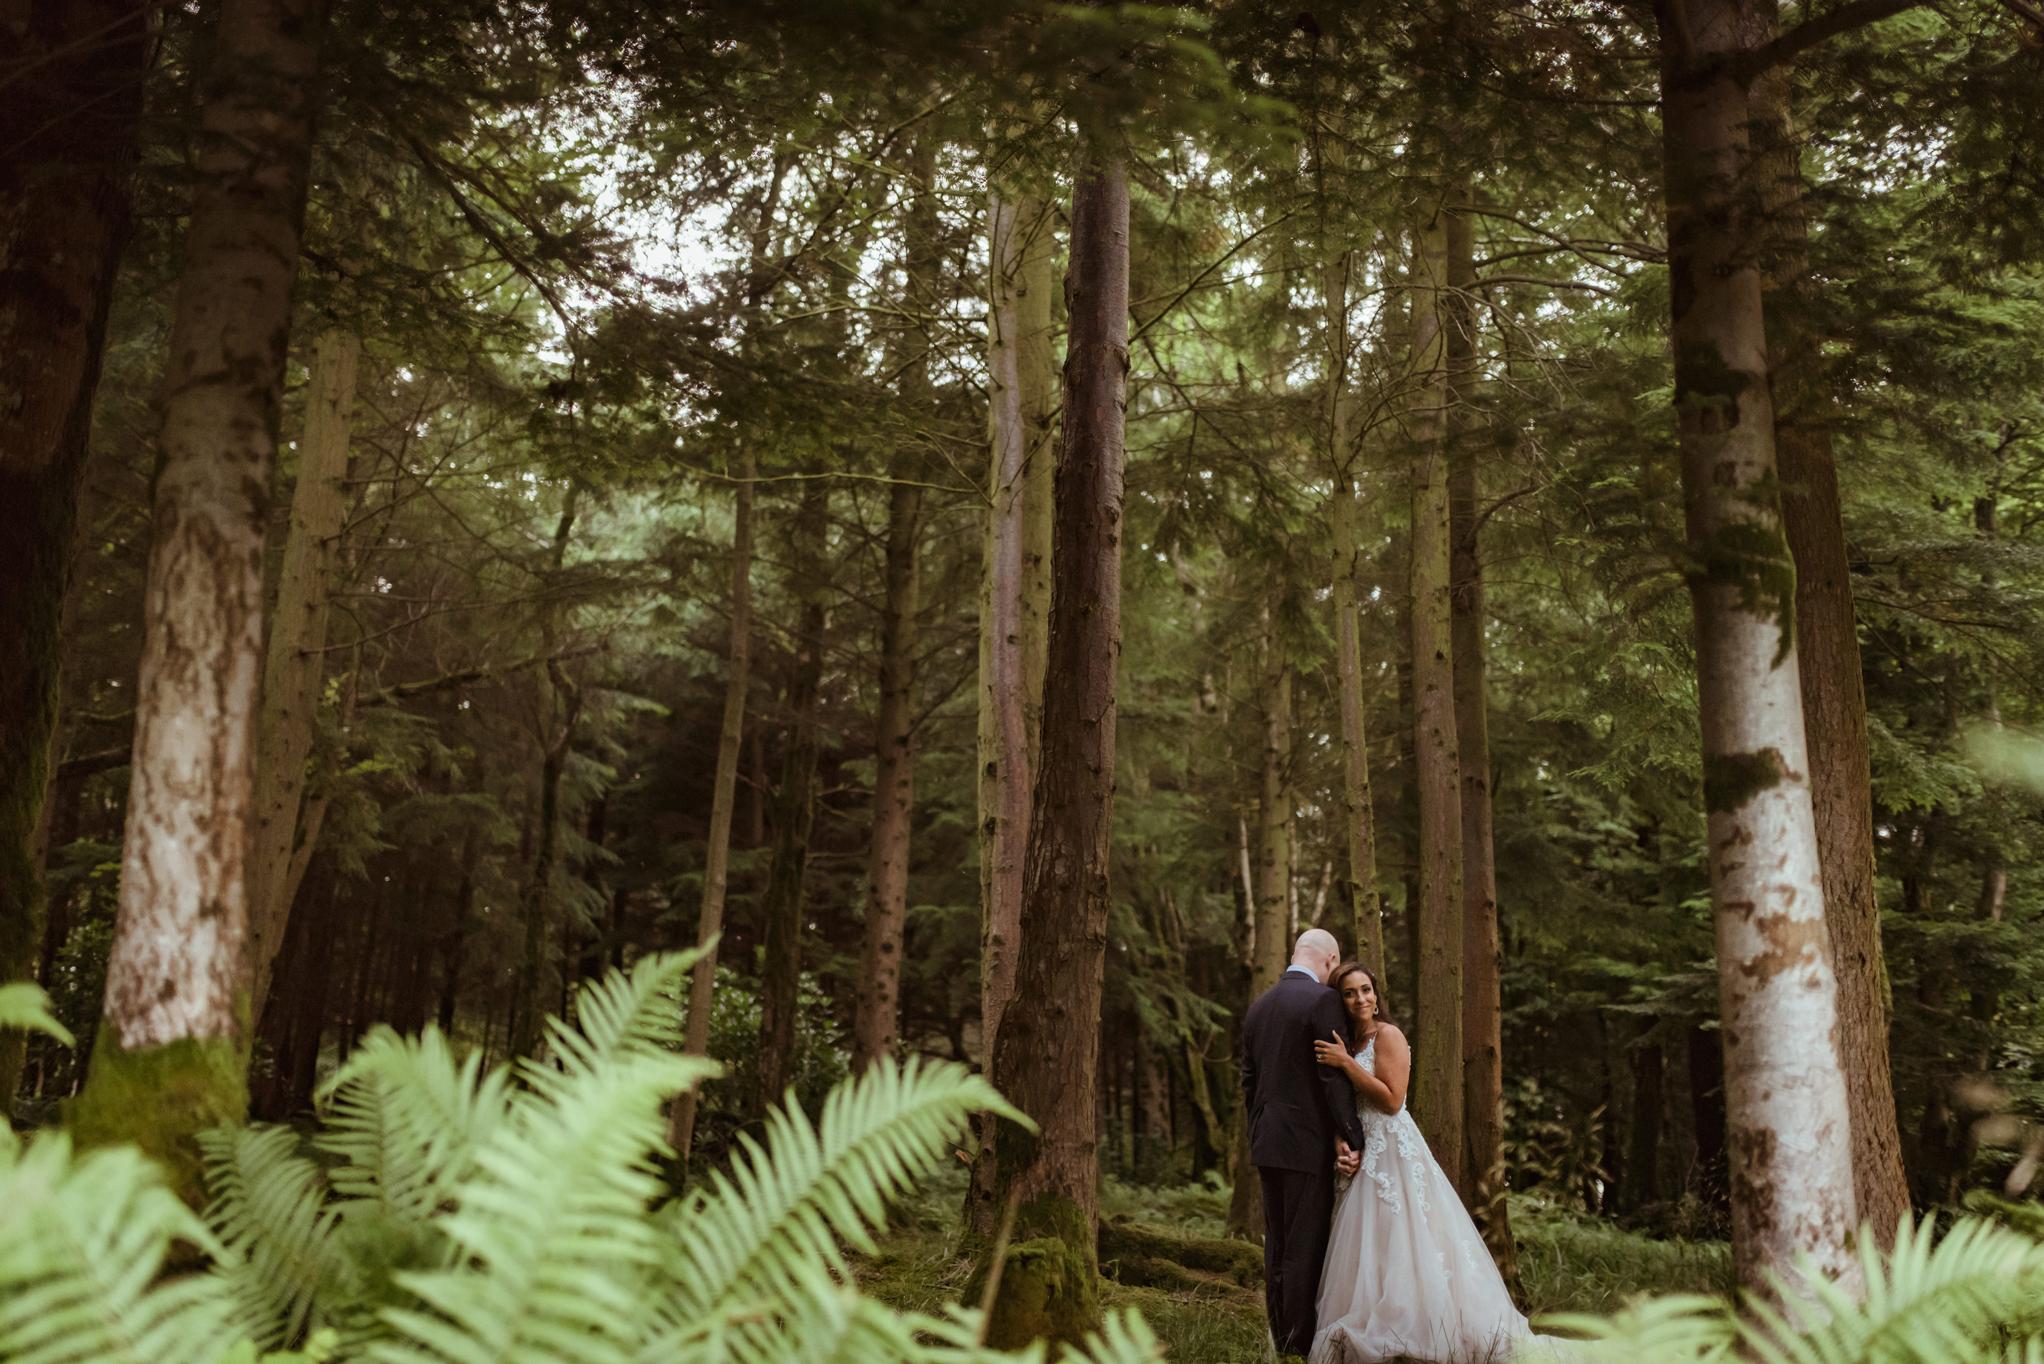 scottish-forest-wedding.jpg